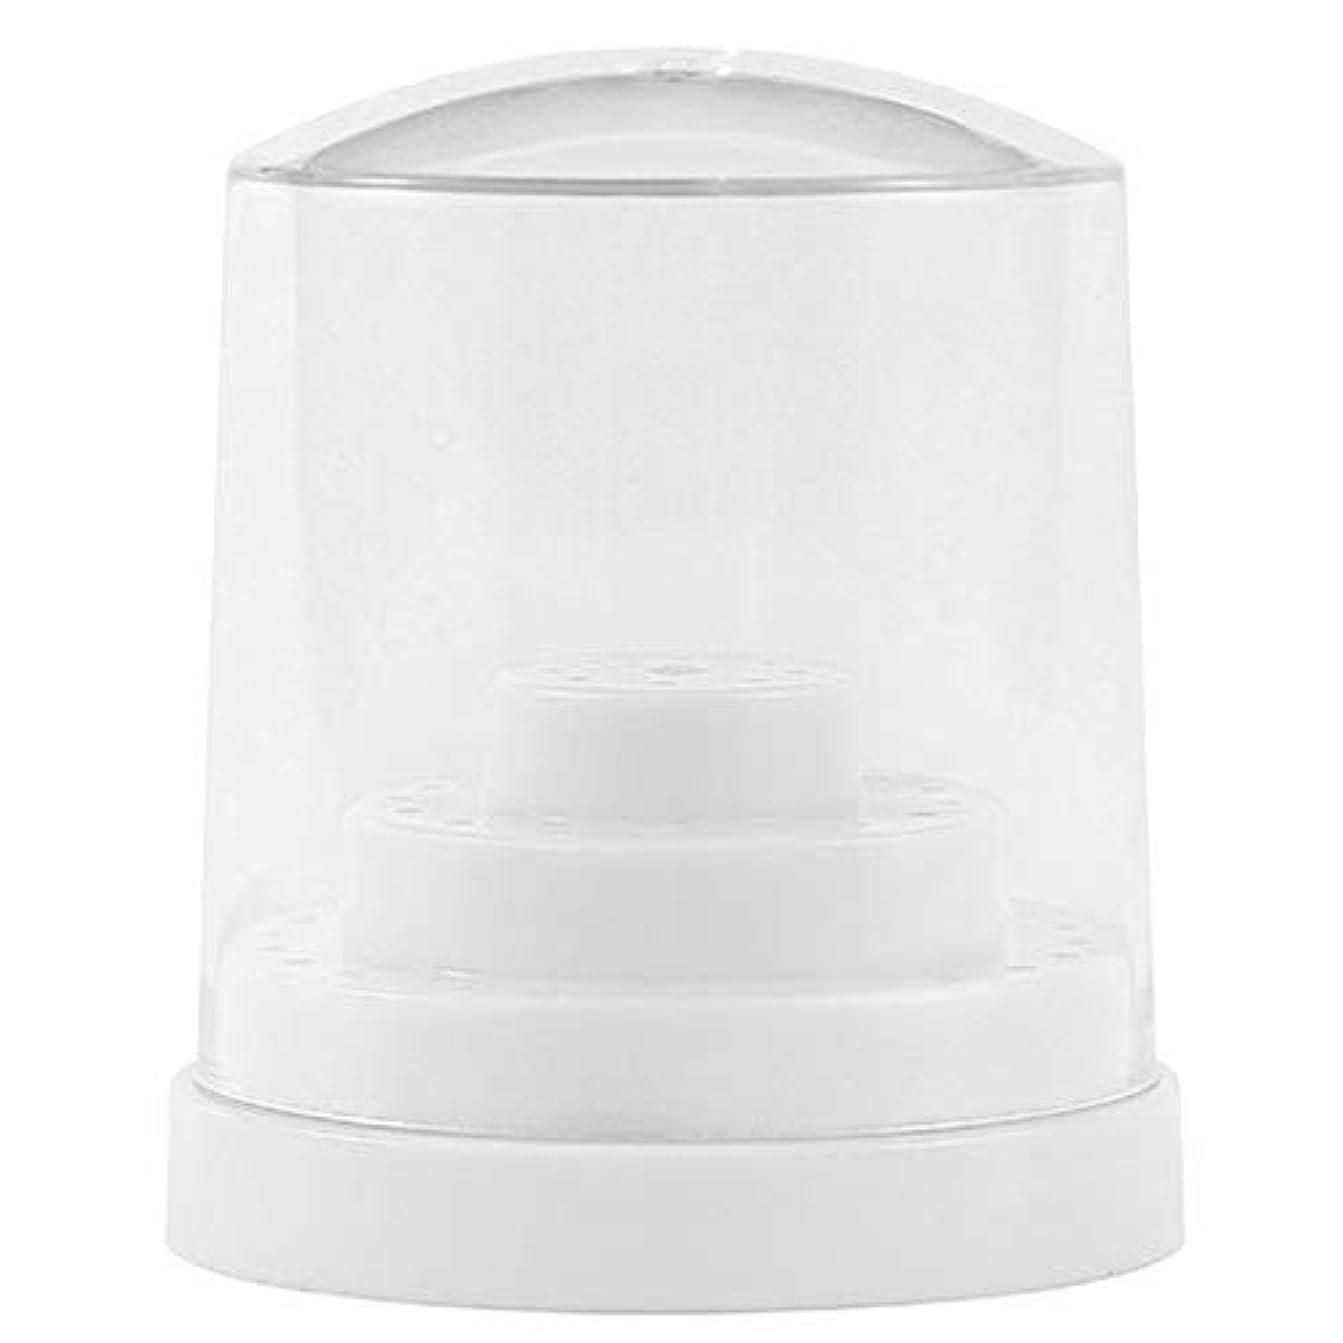 発言するお客様慢三層48穴 ネイルドリルビットホルダー アクリル製 ネイルマシーン用ビットスタンド 防塵 全2色 - ホワイト